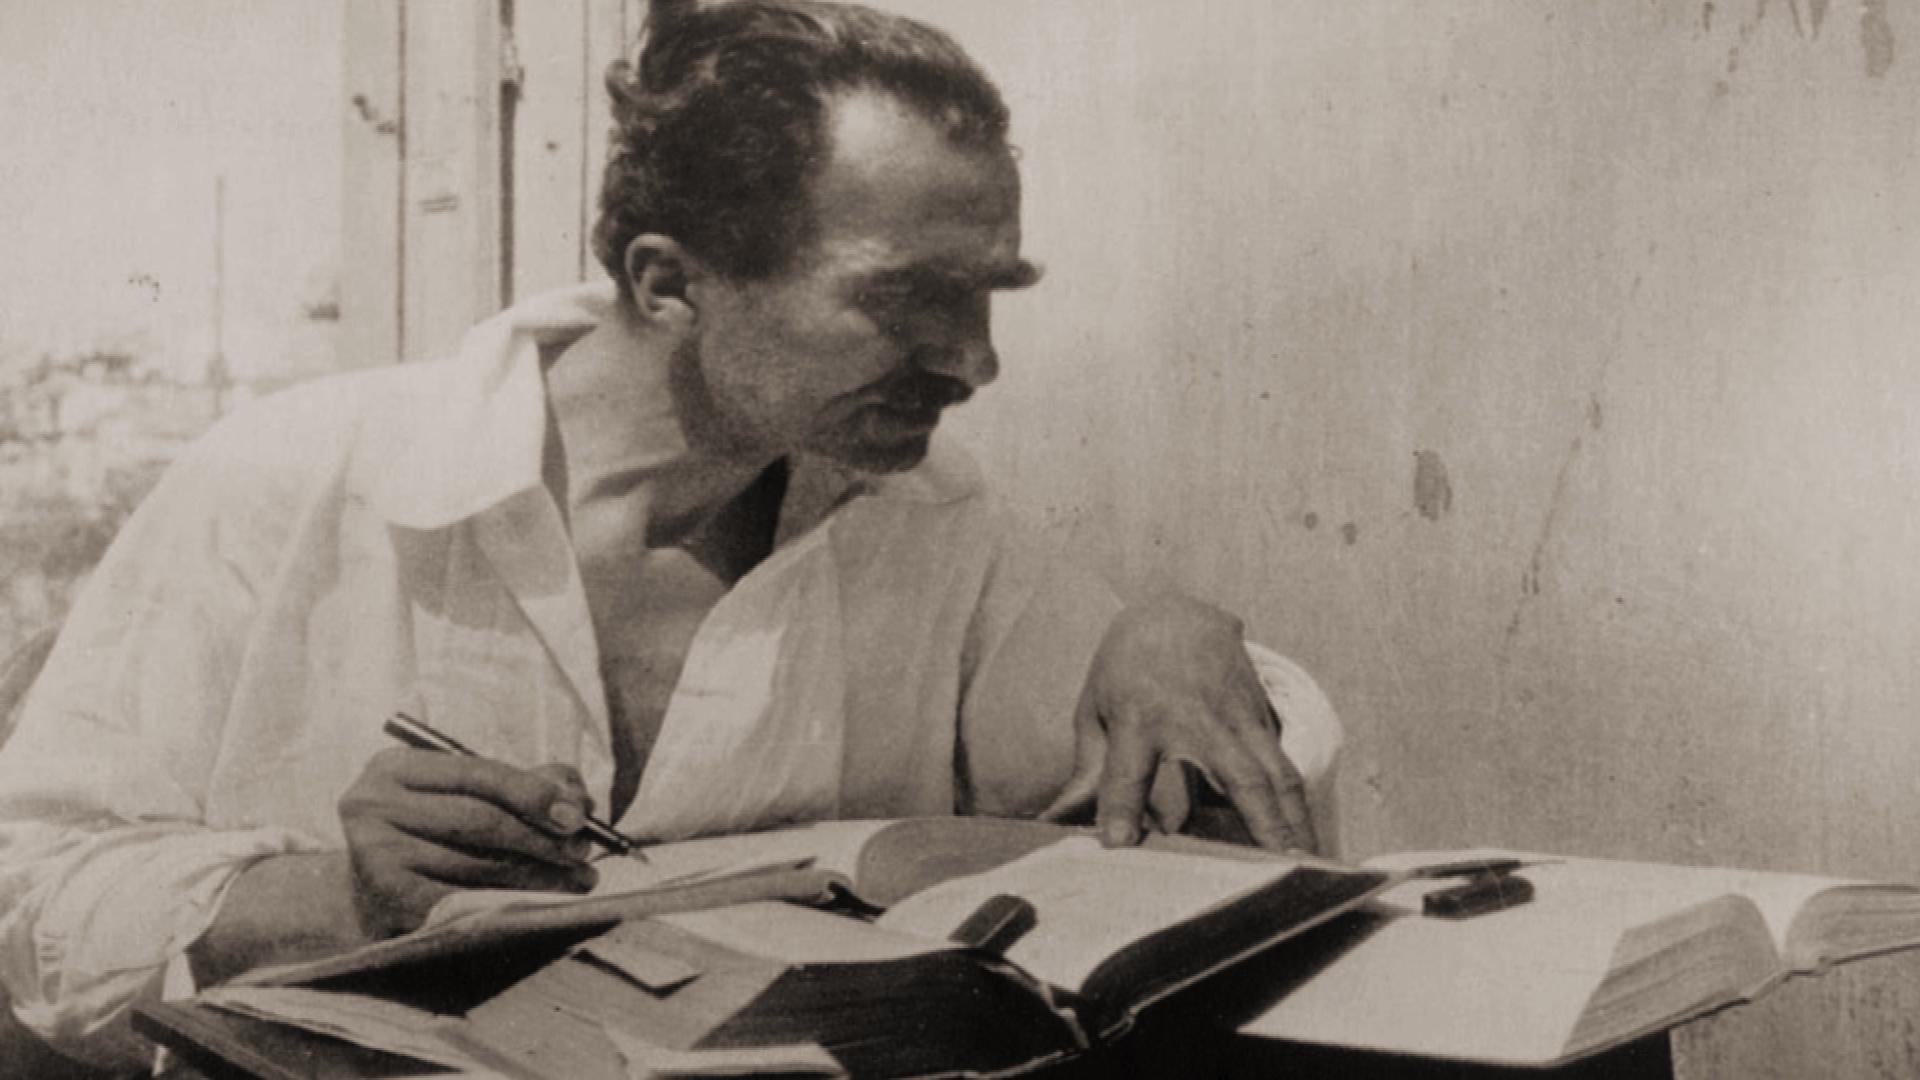 Ο Νίκος Καζαντζάκης και η επίδραση του έργου του σε άλλους συγγραφείς